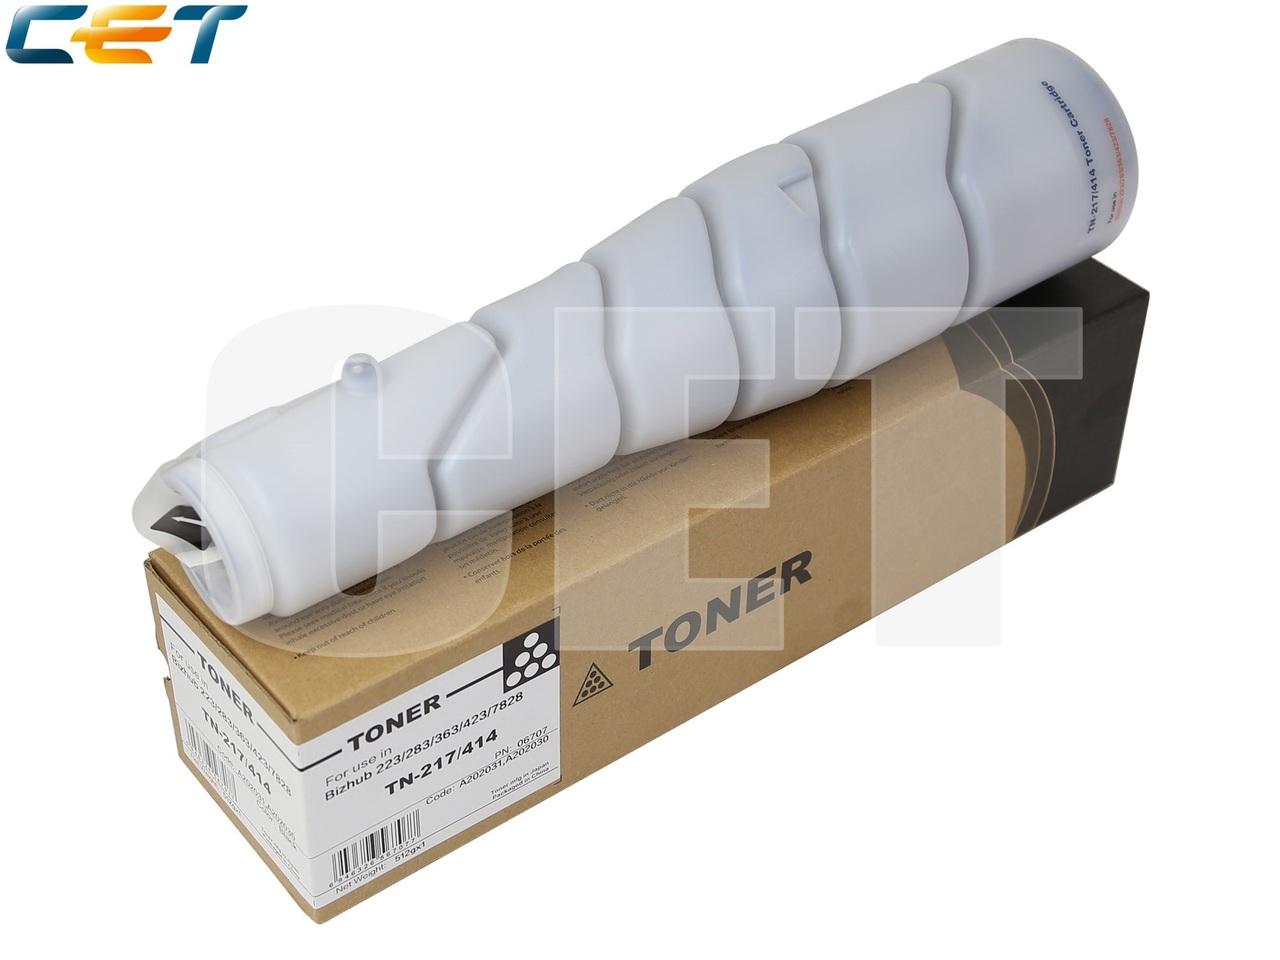 Тонер-картридж TN-217/TN-414 для KONICA MINOLTA Bizhub223/283/363/423 (CET), 512г, 25000 стр., CET6707